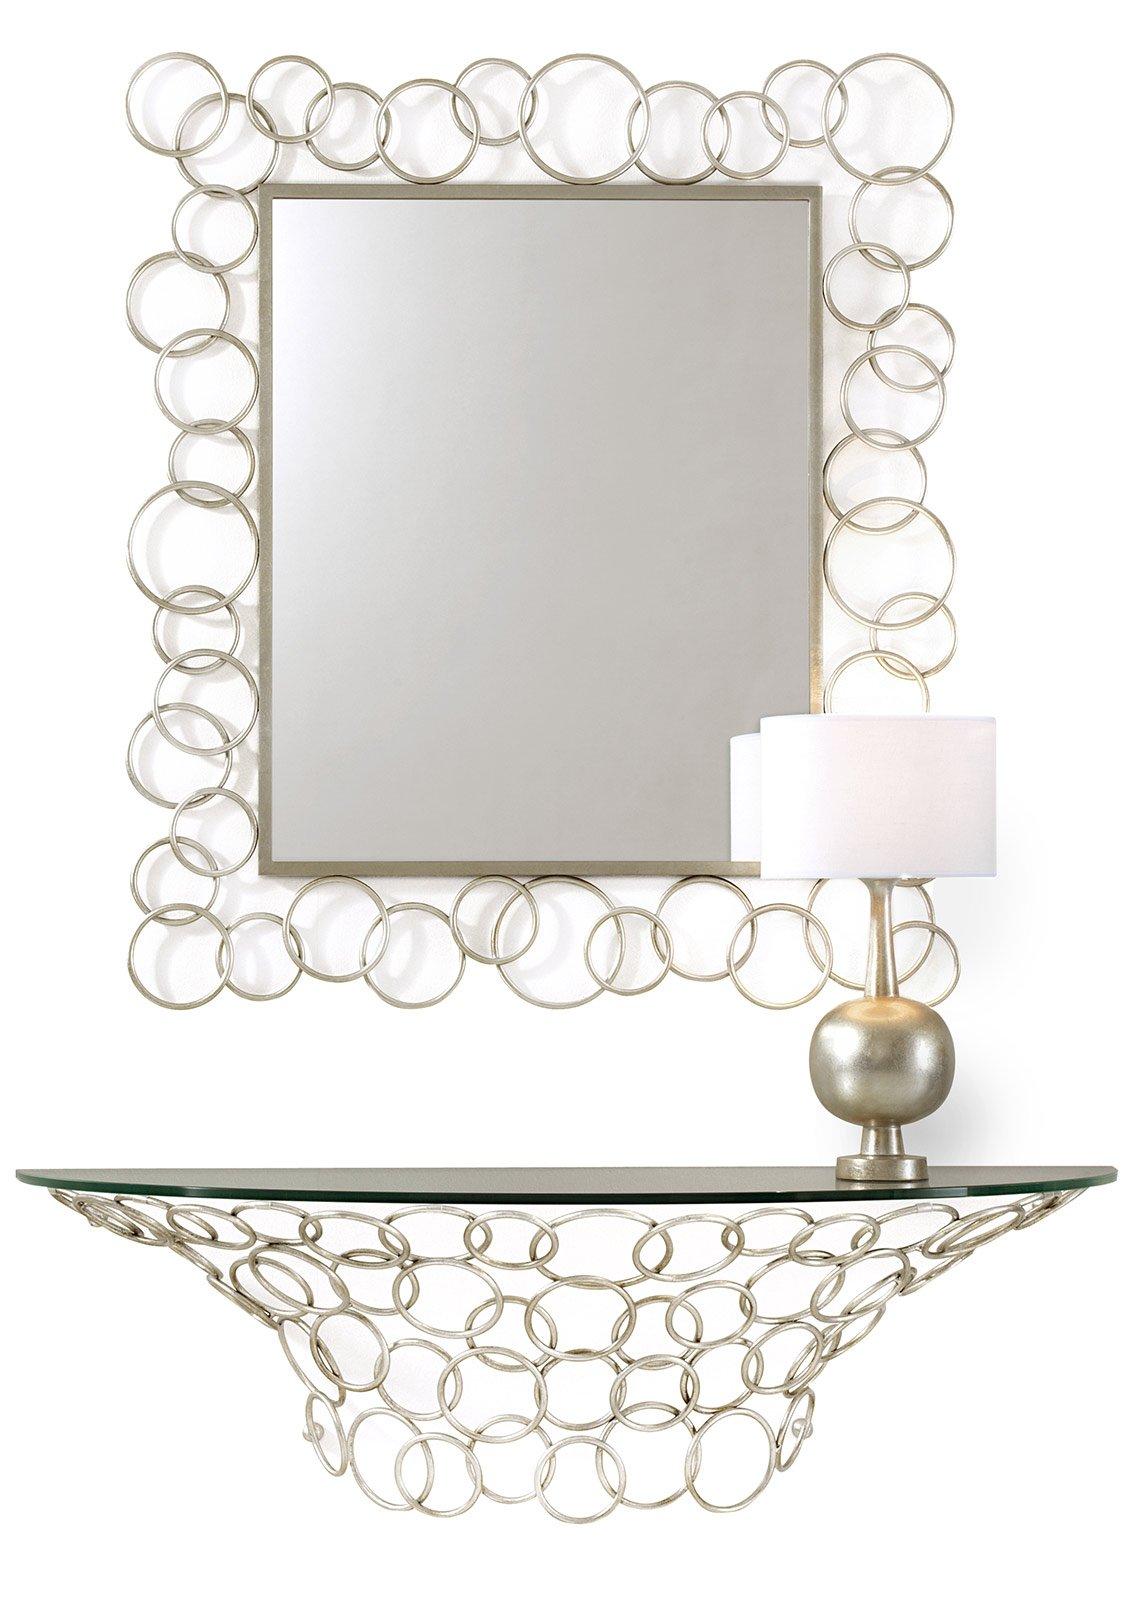 Hai poco spazio scegli la console cose di casa - Ikea specchi da parete ...